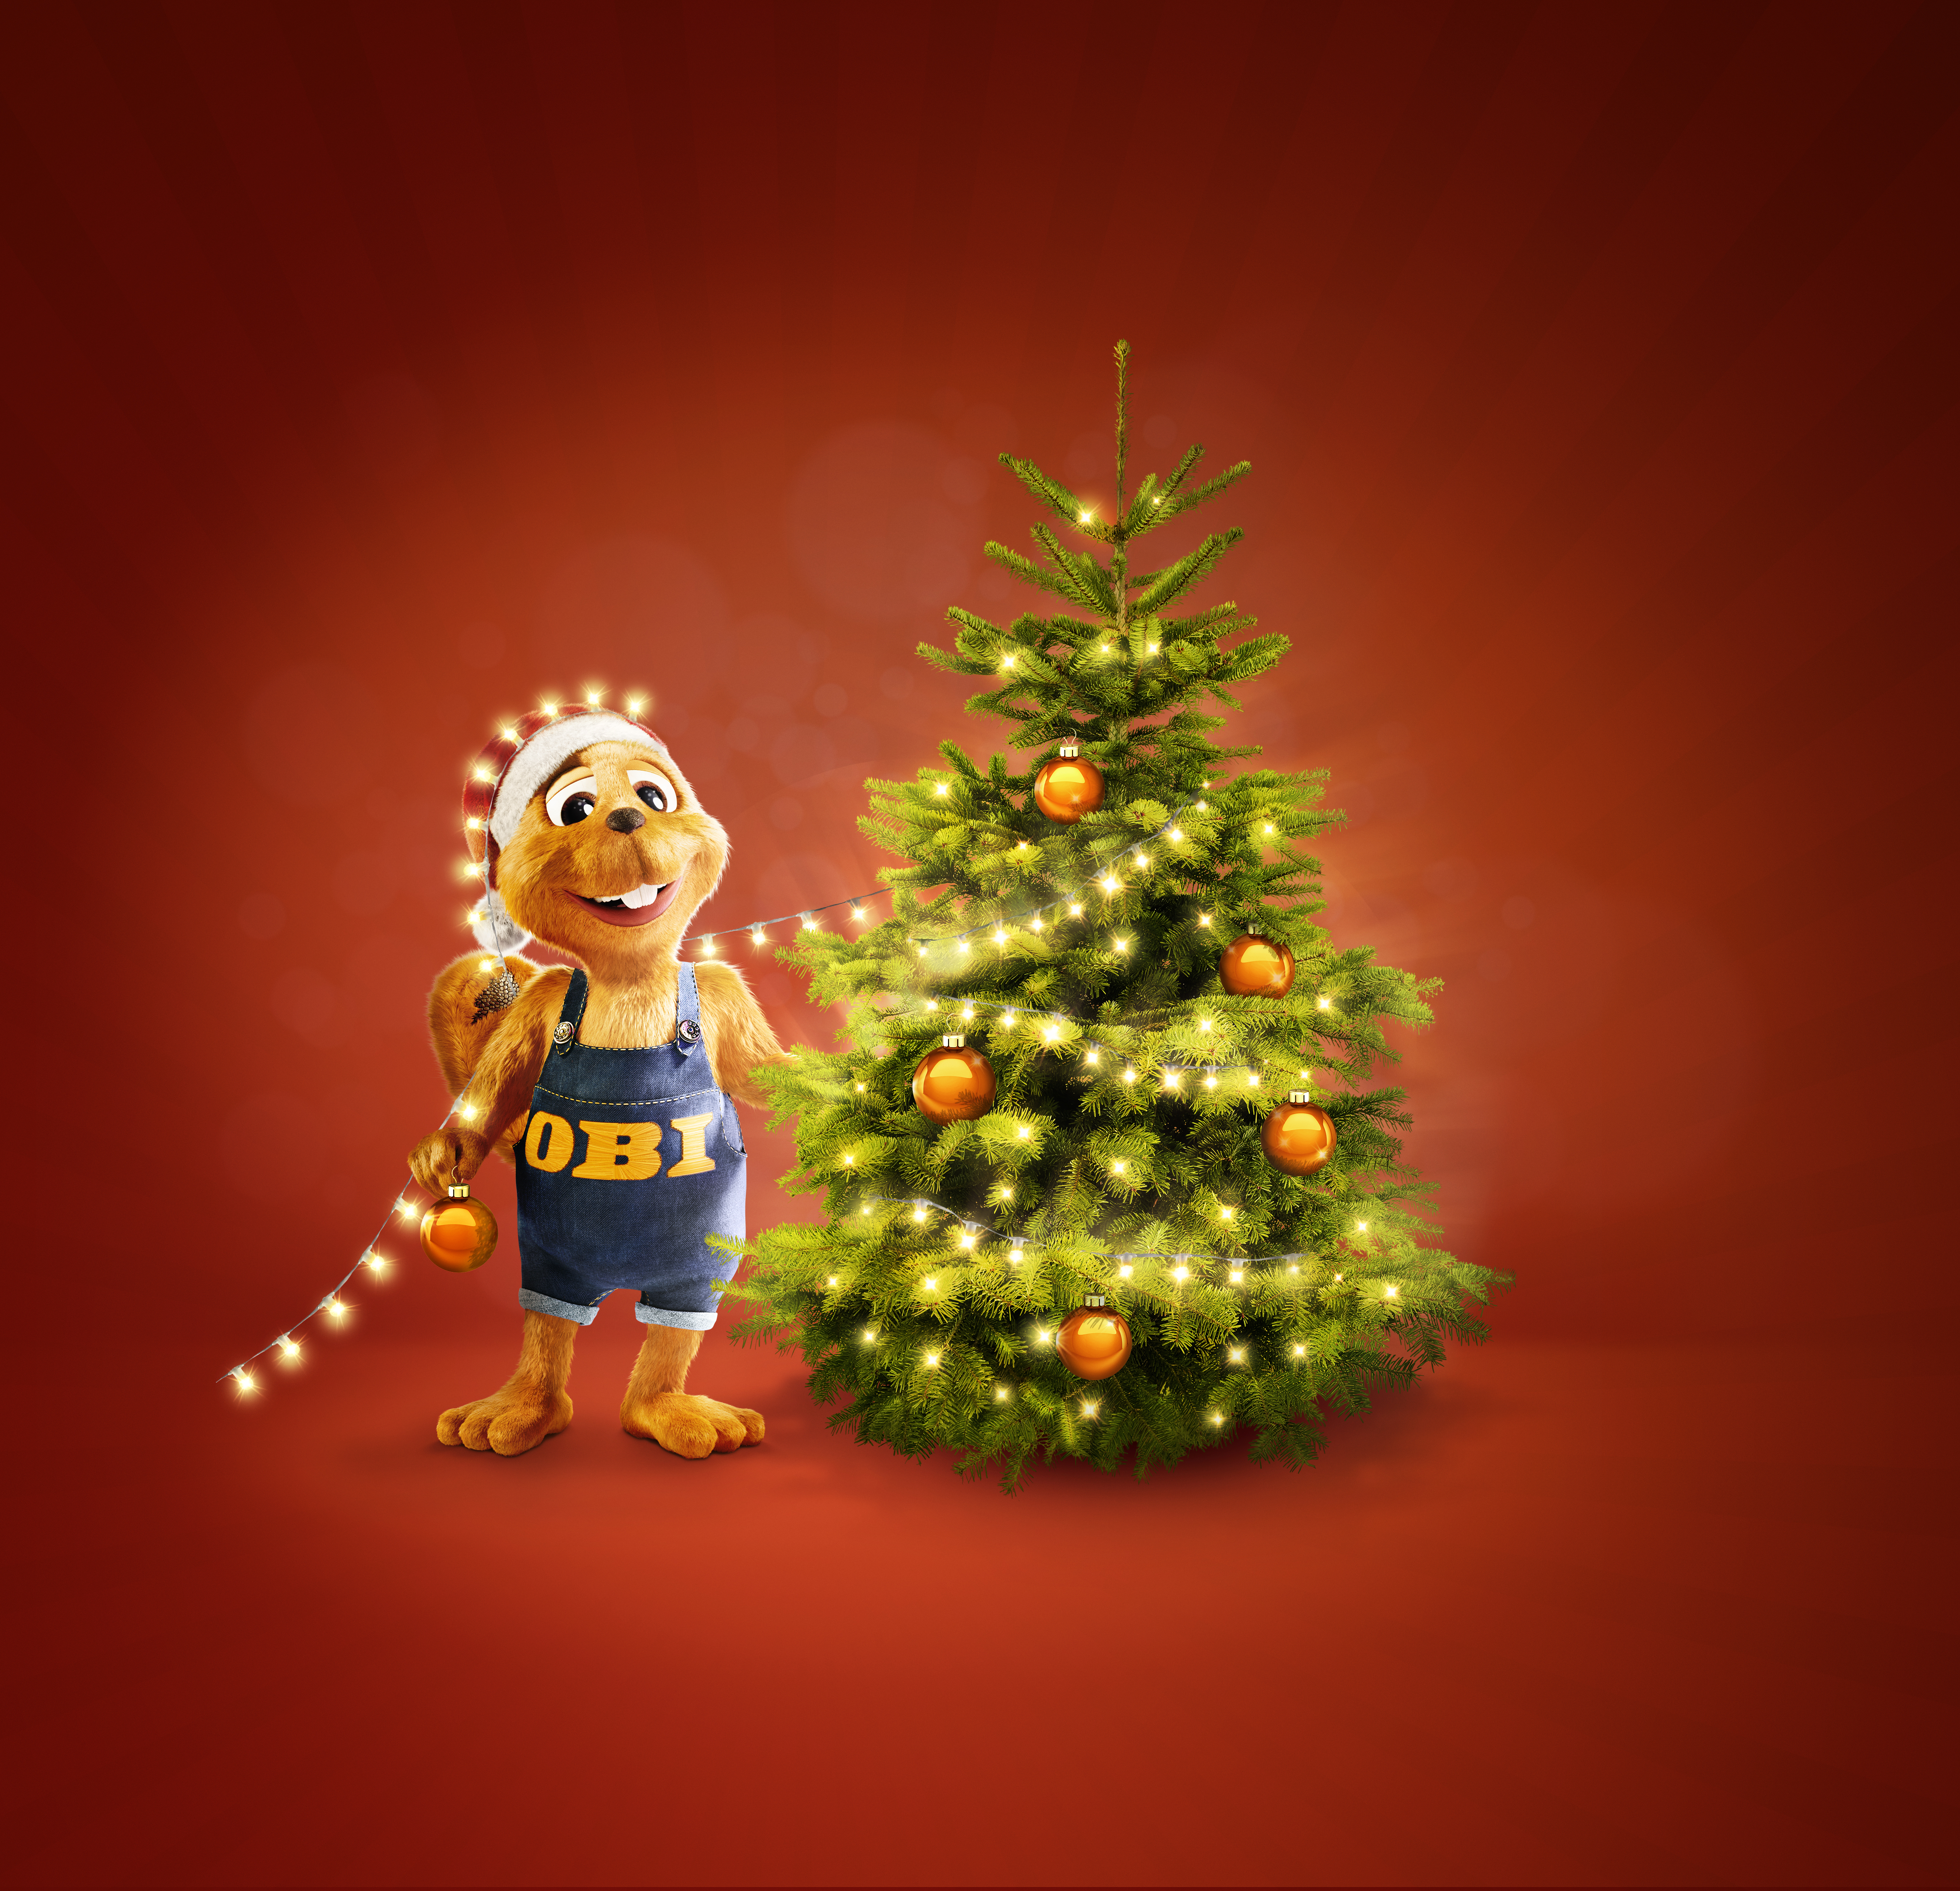 Obi Weihnachtsbaum.Ho Ho Hol Dir Deinen Baum Der Volks Weihnachtsbaum Von Obi Media